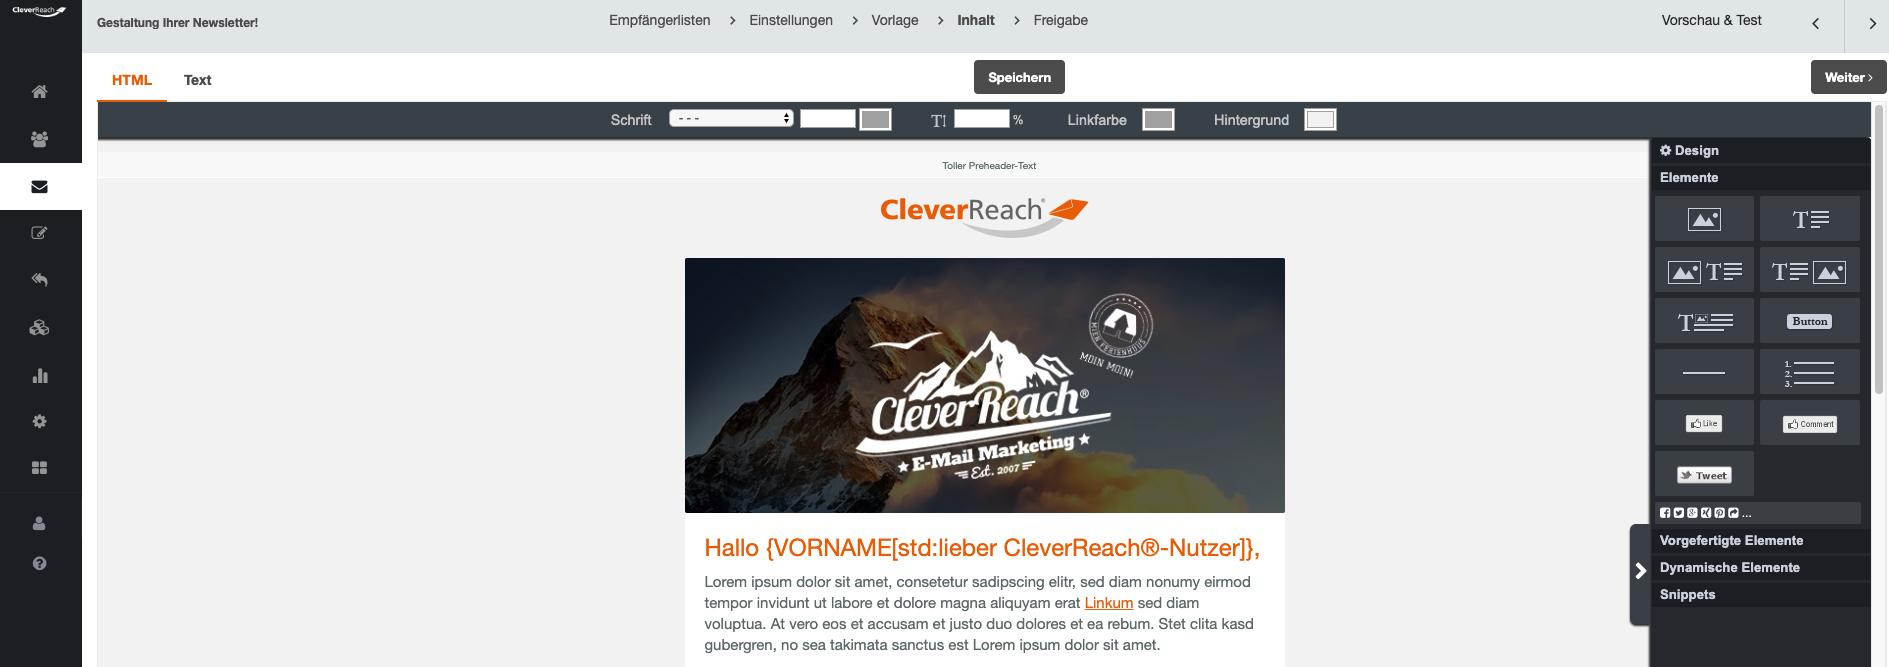 kostenlose Newslettervorlagen - Newsletter gestalten - CleverReach®